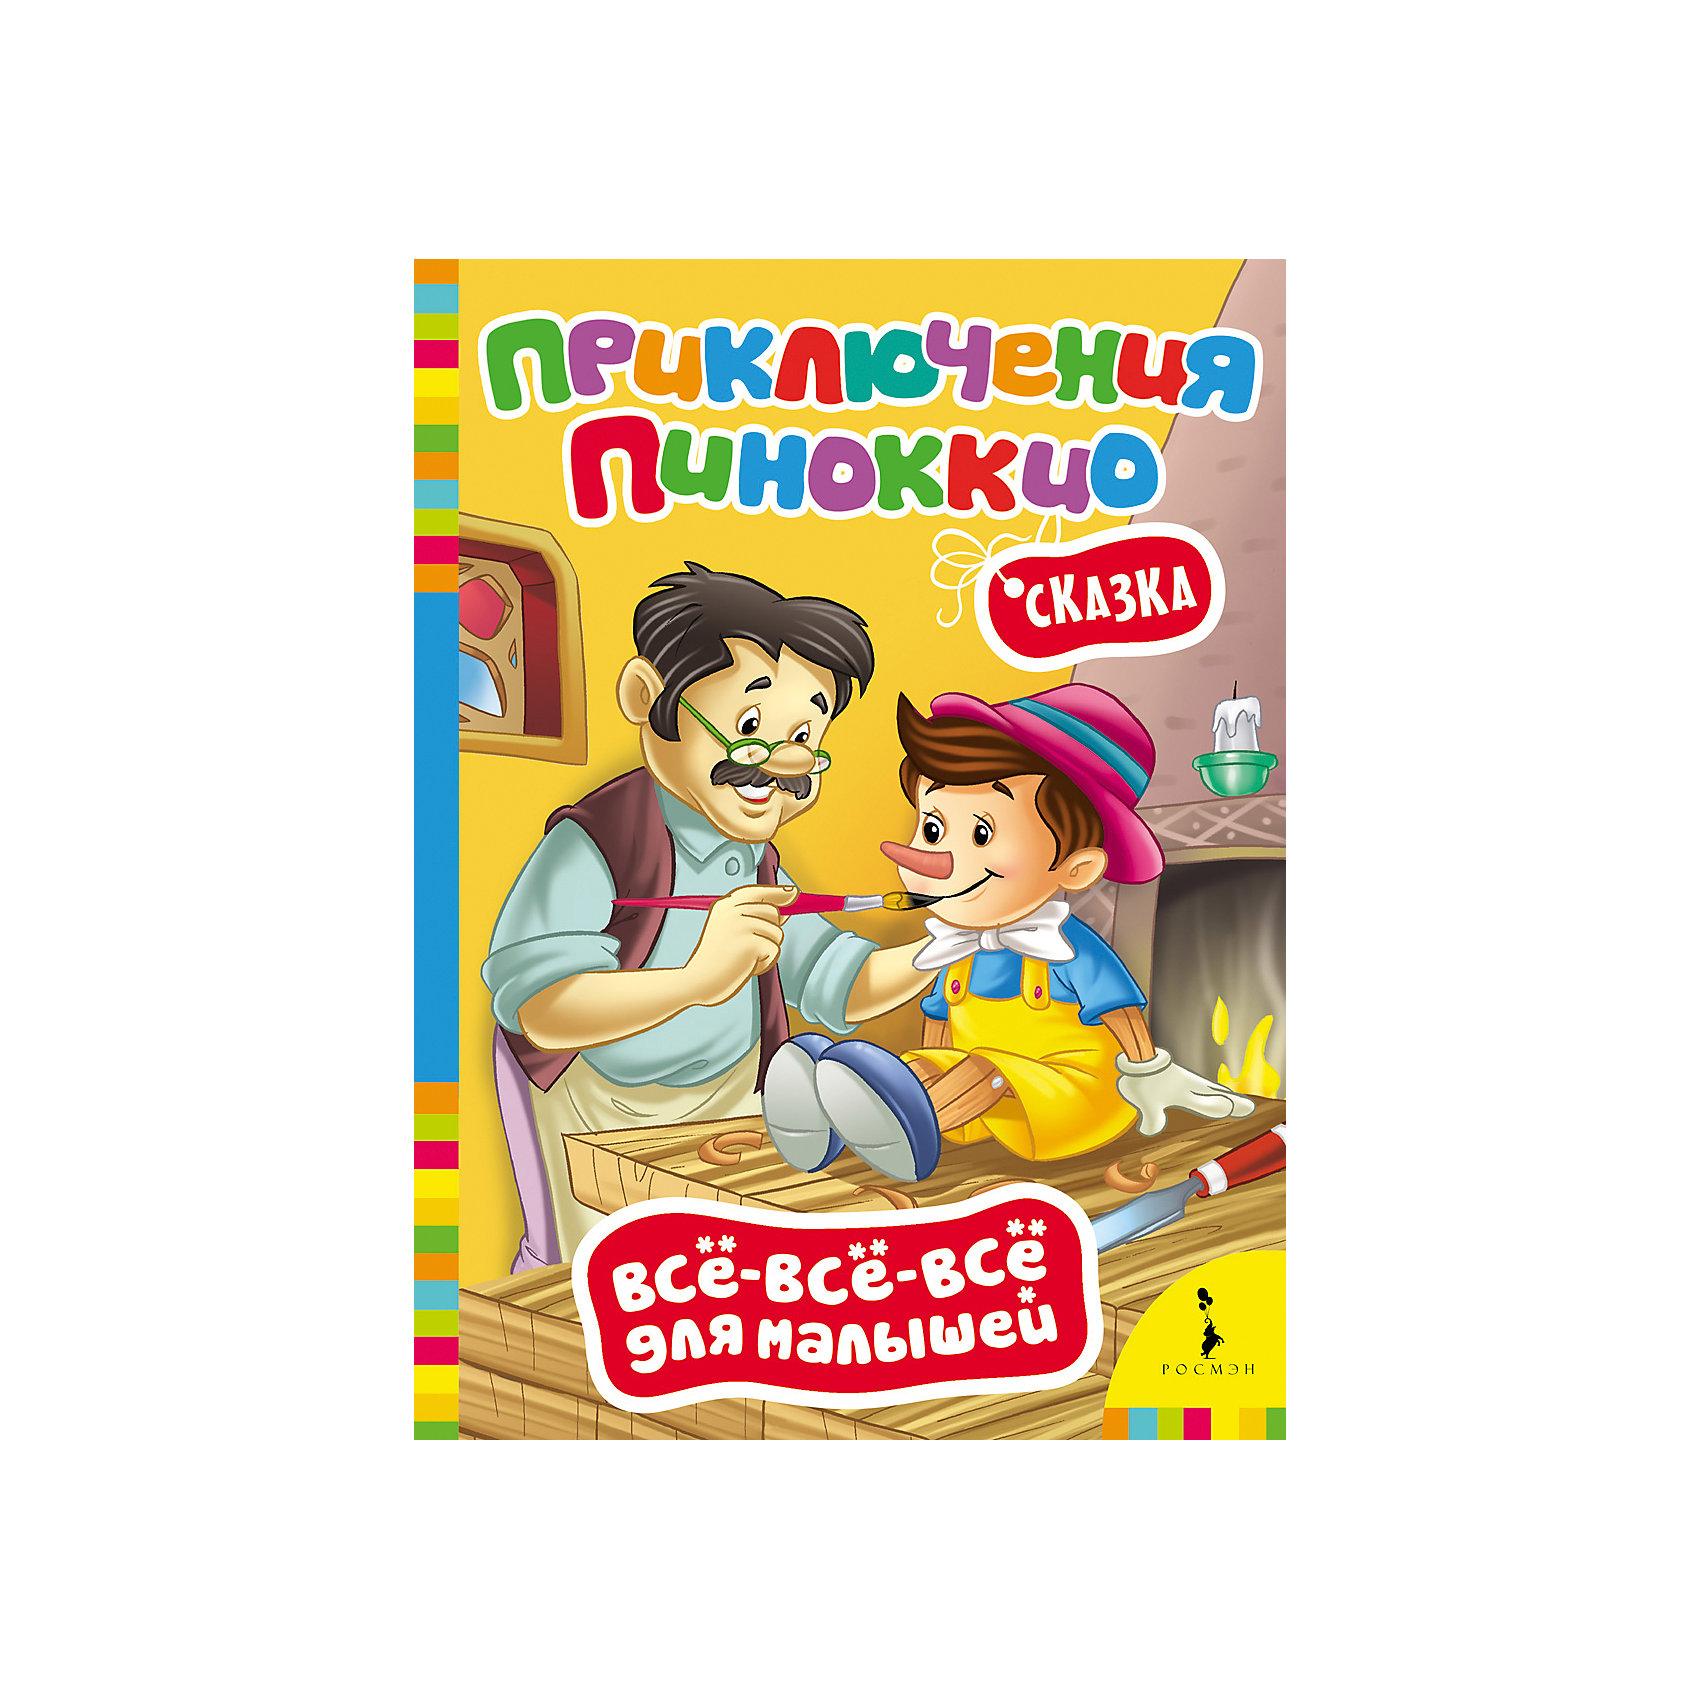 Приключения Пиноккио,  Все-все-все для малышейЗарубежные сказки<br>Характеристики товара:<br><br>- цвет: разноцветный;<br>- материал: бумага;<br>- страниц: 8;<br>- формат: 22 х 16 см;<br>- обложка: картон;<br>- цветные иллюстрации. <br><br>Эта яркаякнига станет отличным подарком для родителей и ребенка. Она содержит в себе известную сказку, эту книгу любит не одно поколение! Талантливый иллюстратор дополнил книгу качественными рисунками, которые помогают ребенку проникнуться духом сказки.<br>Чтение детям даже в юном возрасте помогает ребенку развивать зрительную память, концентрацию внимания и воображение. Издание произведено из качественных материалов, которые безопасны даже для самых маленьких.<br><br>Издание Приключения Пиноккио, Всё-всё-всё для малышей от компании Росмэн можно купить в нашем интернет-магазине.<br><br>Ширина мм: 220<br>Глубина мм: 160<br>Высота мм: 4<br>Вес г: 111<br>Возраст от месяцев: 0<br>Возраст до месяцев: 36<br>Пол: Унисекс<br>Возраст: Детский<br>SKU: 5110056